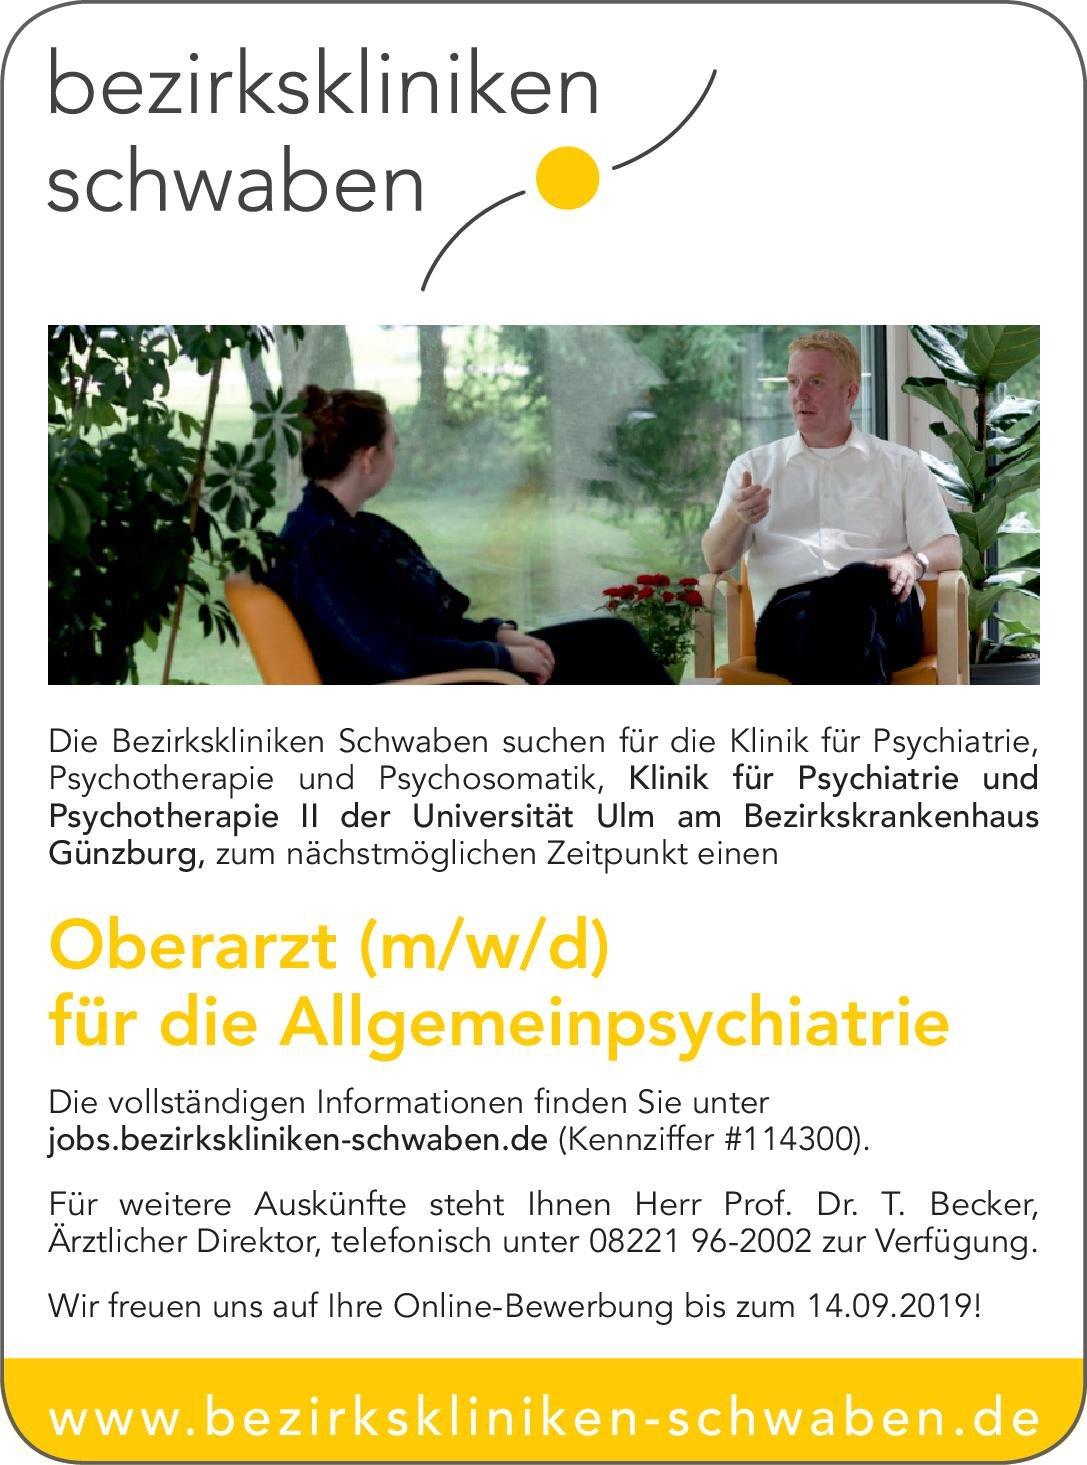 Bezirkskliniken Schwaben - Bezirkskrankenhaus Günzburg Oberarzt (m/w/d) für die Allgemeinpsychiatrie  Psychiatrie und Psychotherapie, Psychiatrie und Psychotherapie Oberarzt